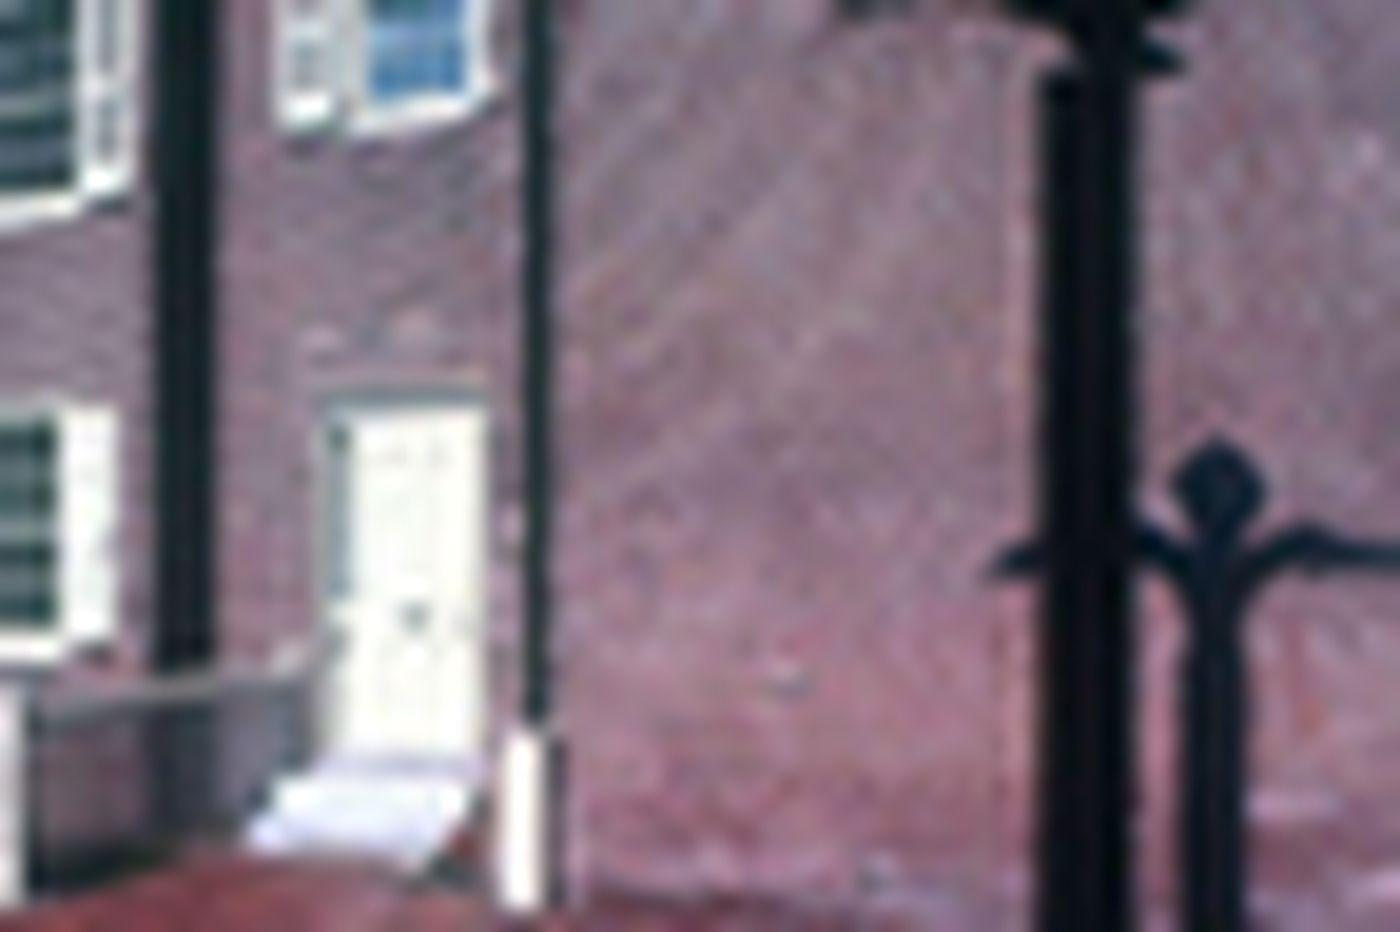 Poe's Philadelphia, evermore